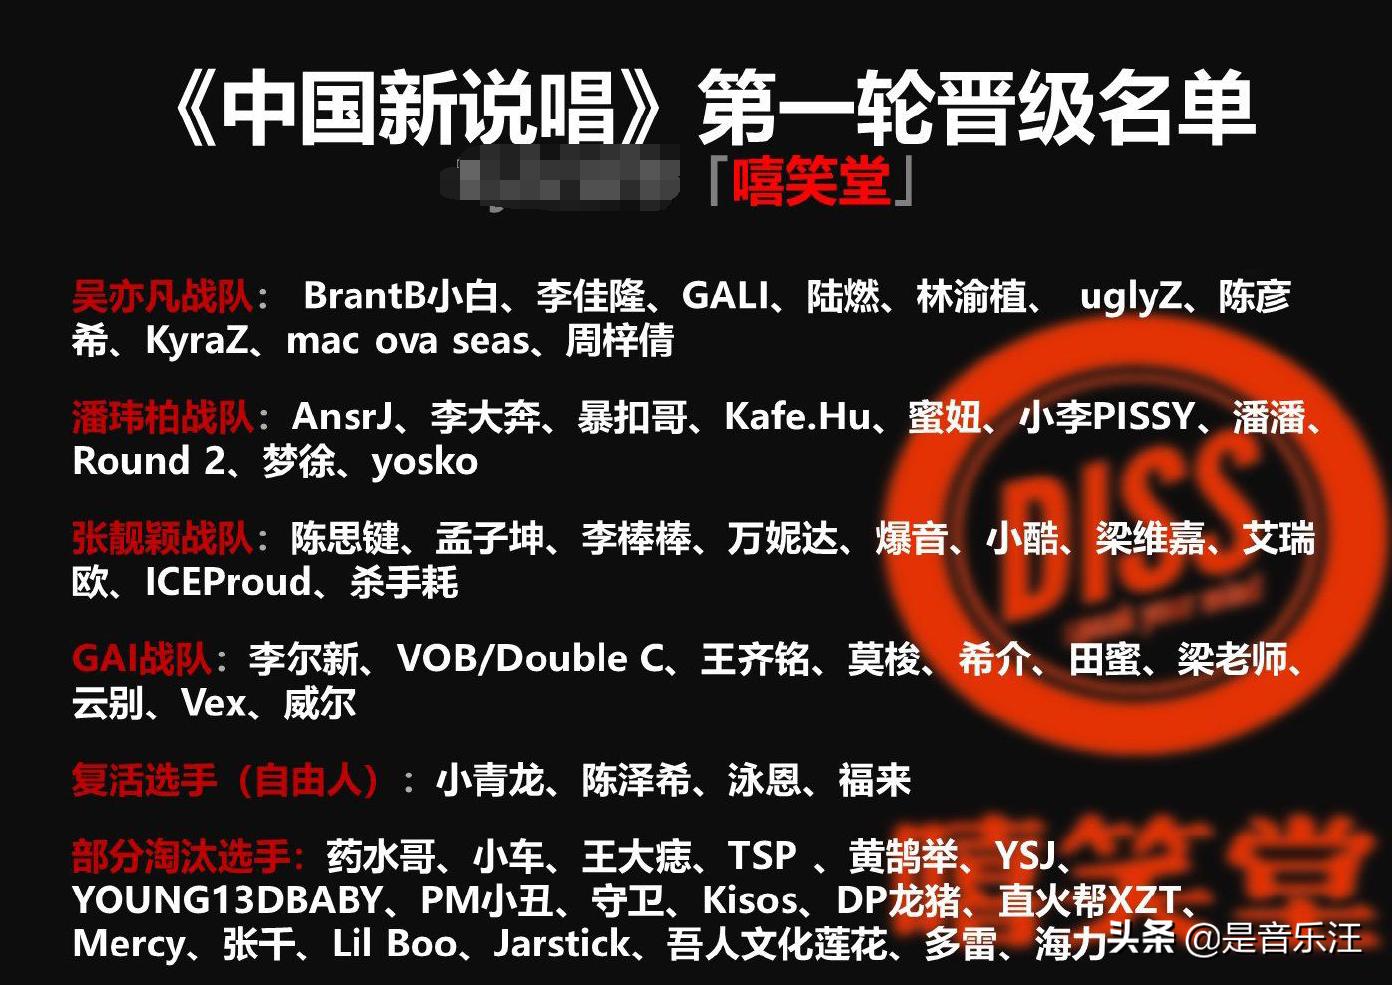 《中国新说唱》战队分组曝光,整体实力非常强,但可惜回锅肉扎堆